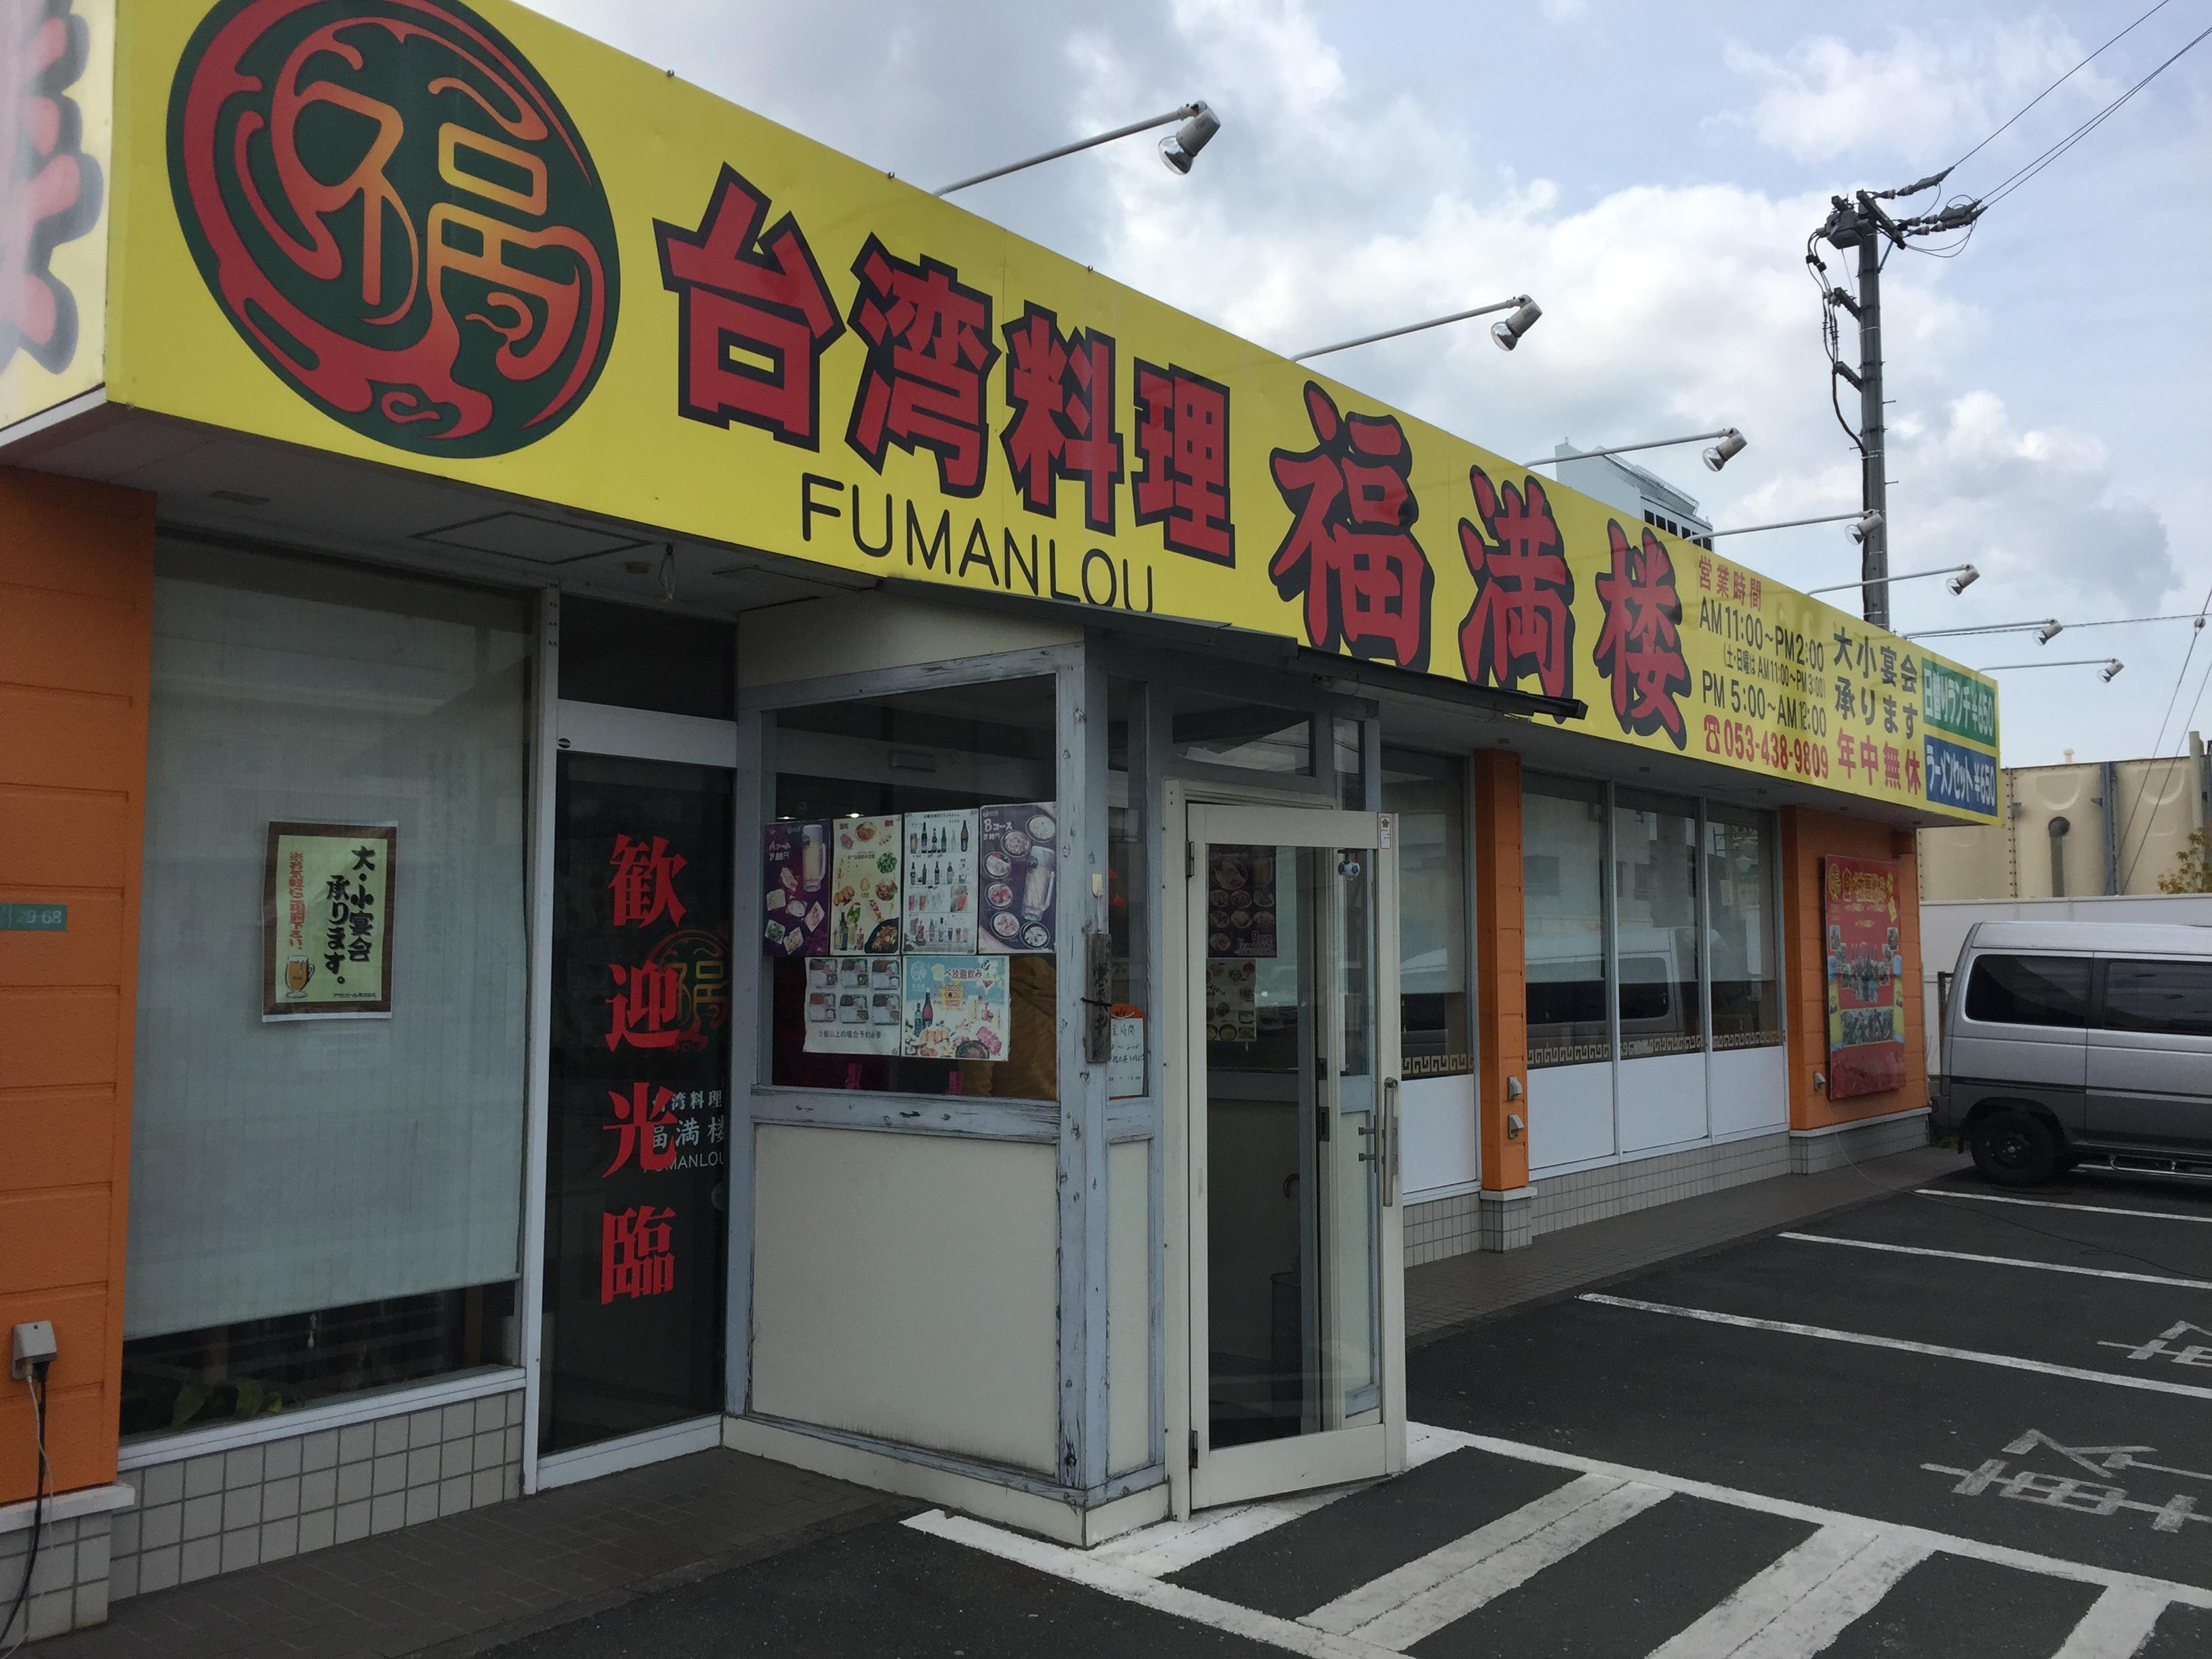 台湾料理 福満楼 浜松 高丘